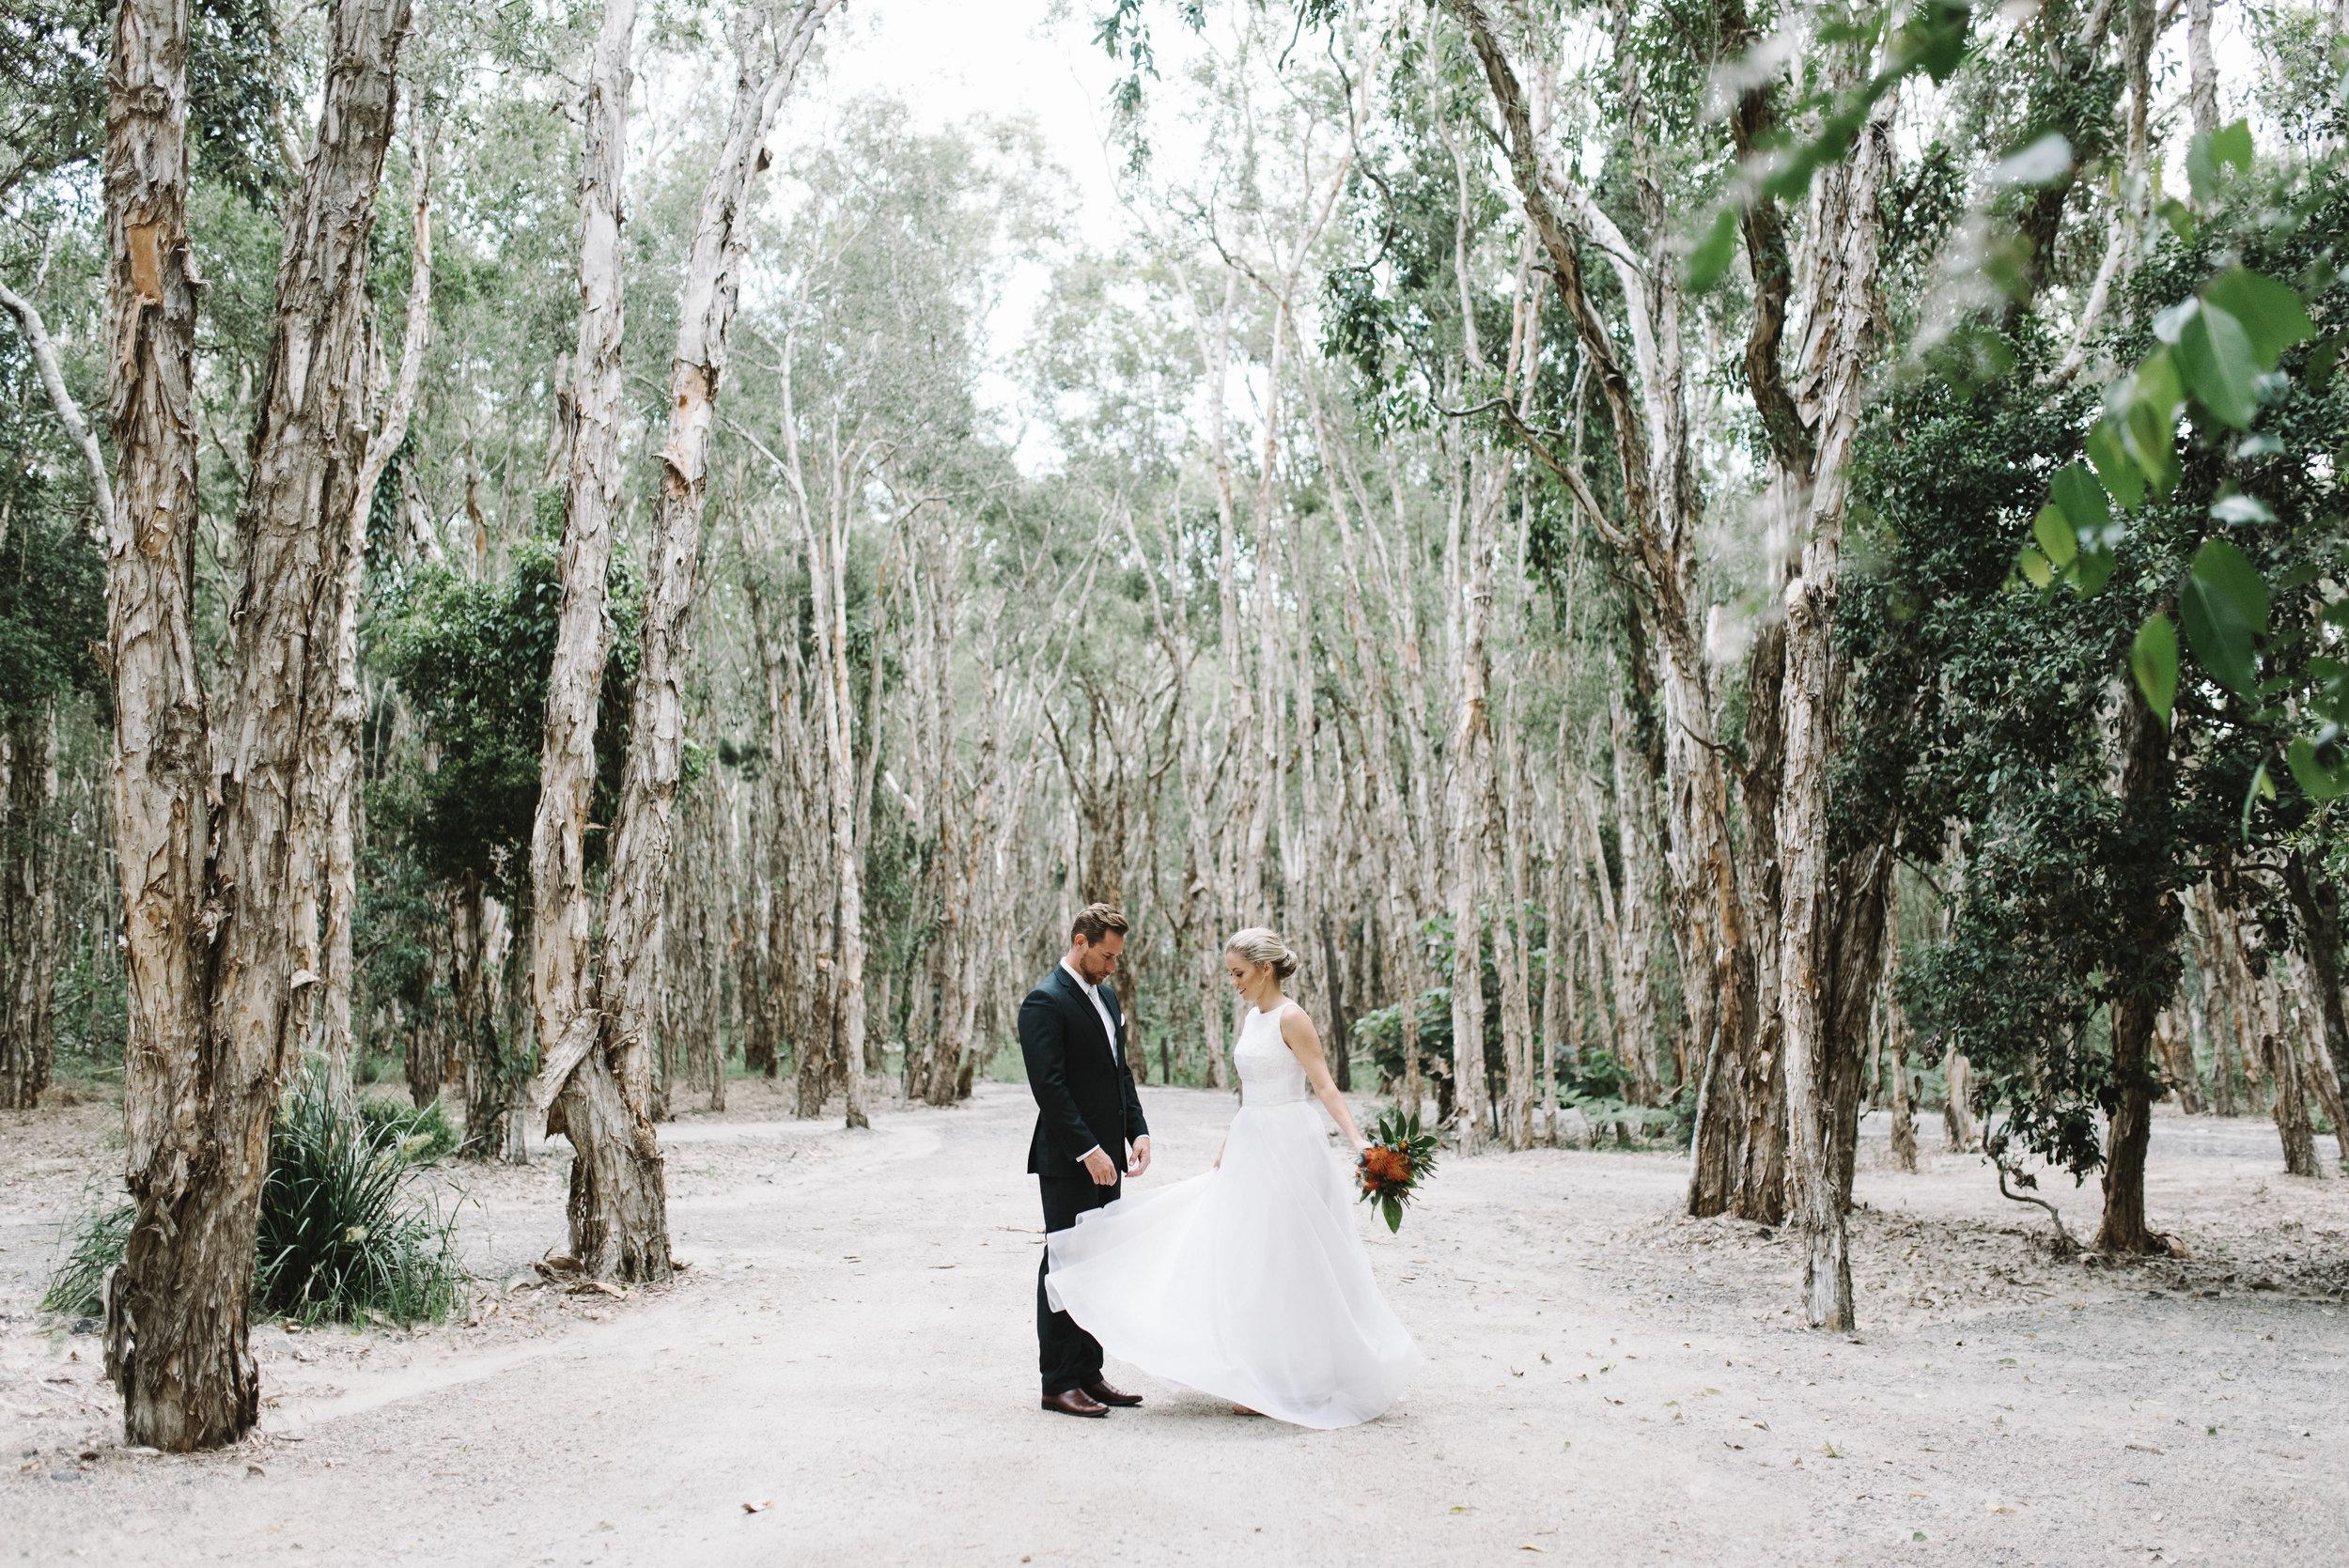 wedding-photography-brisbane-sandstone-point-hotel-bribie-island-luxewedding-33.jpg